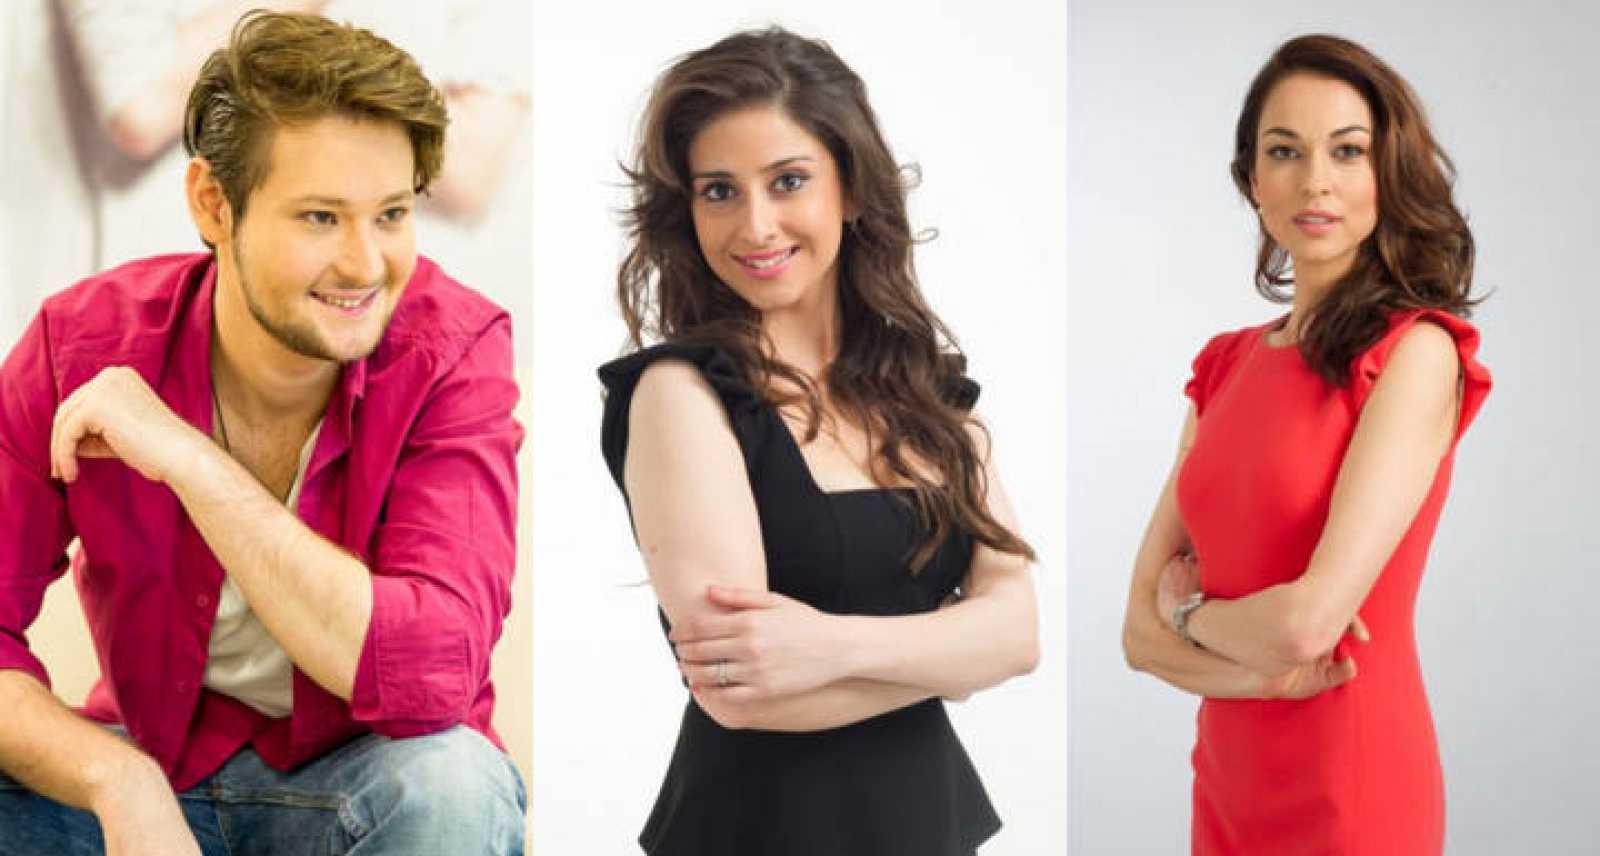 De izquierda a derecha: Eldar, Nargiz y Leyla, presentadores de Eurovisión 2012